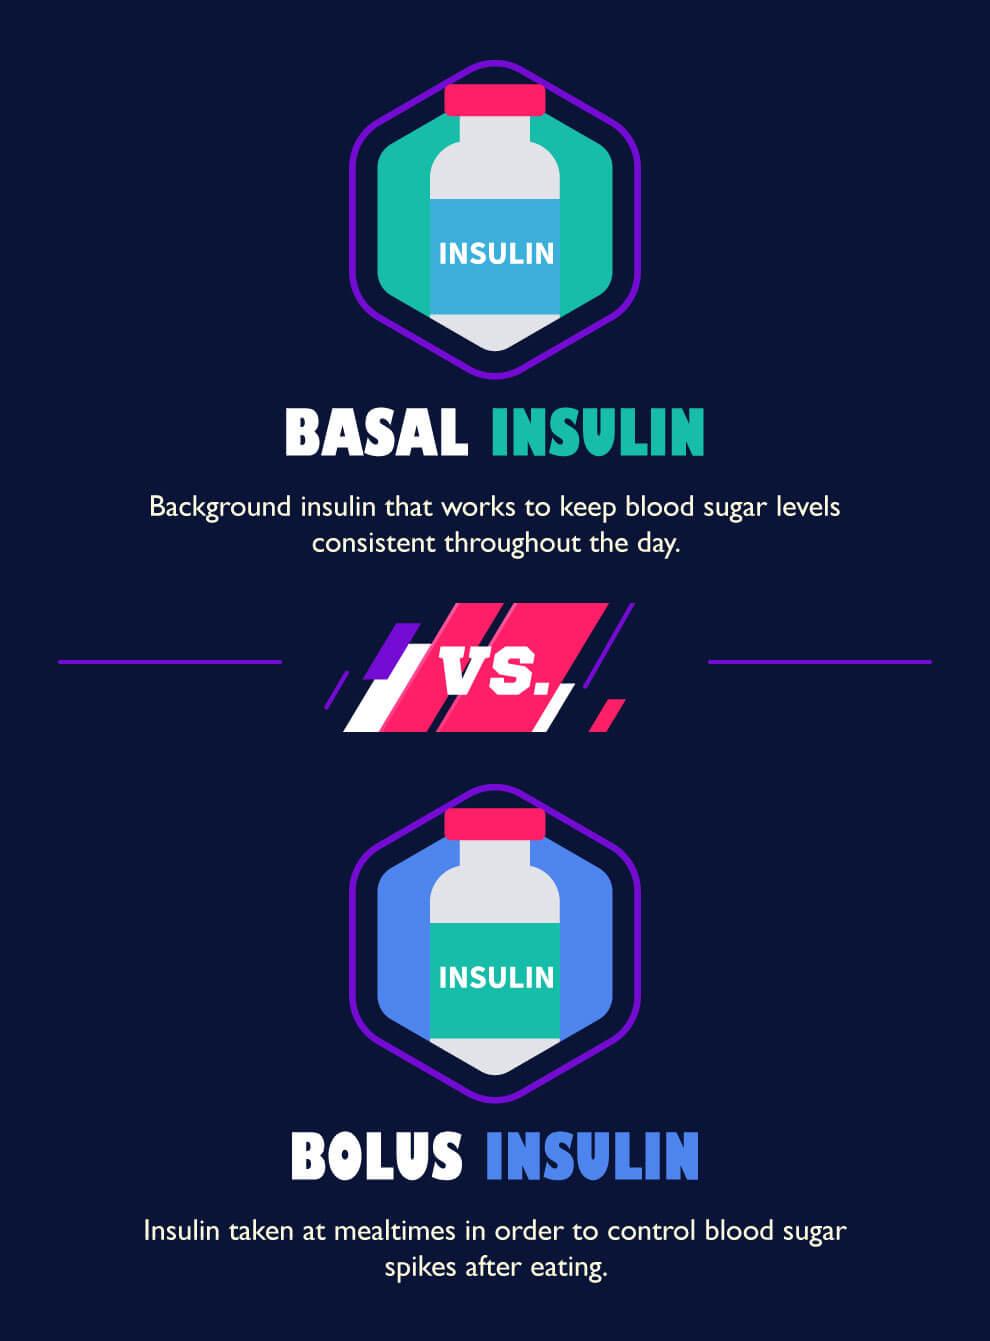 basal bolus